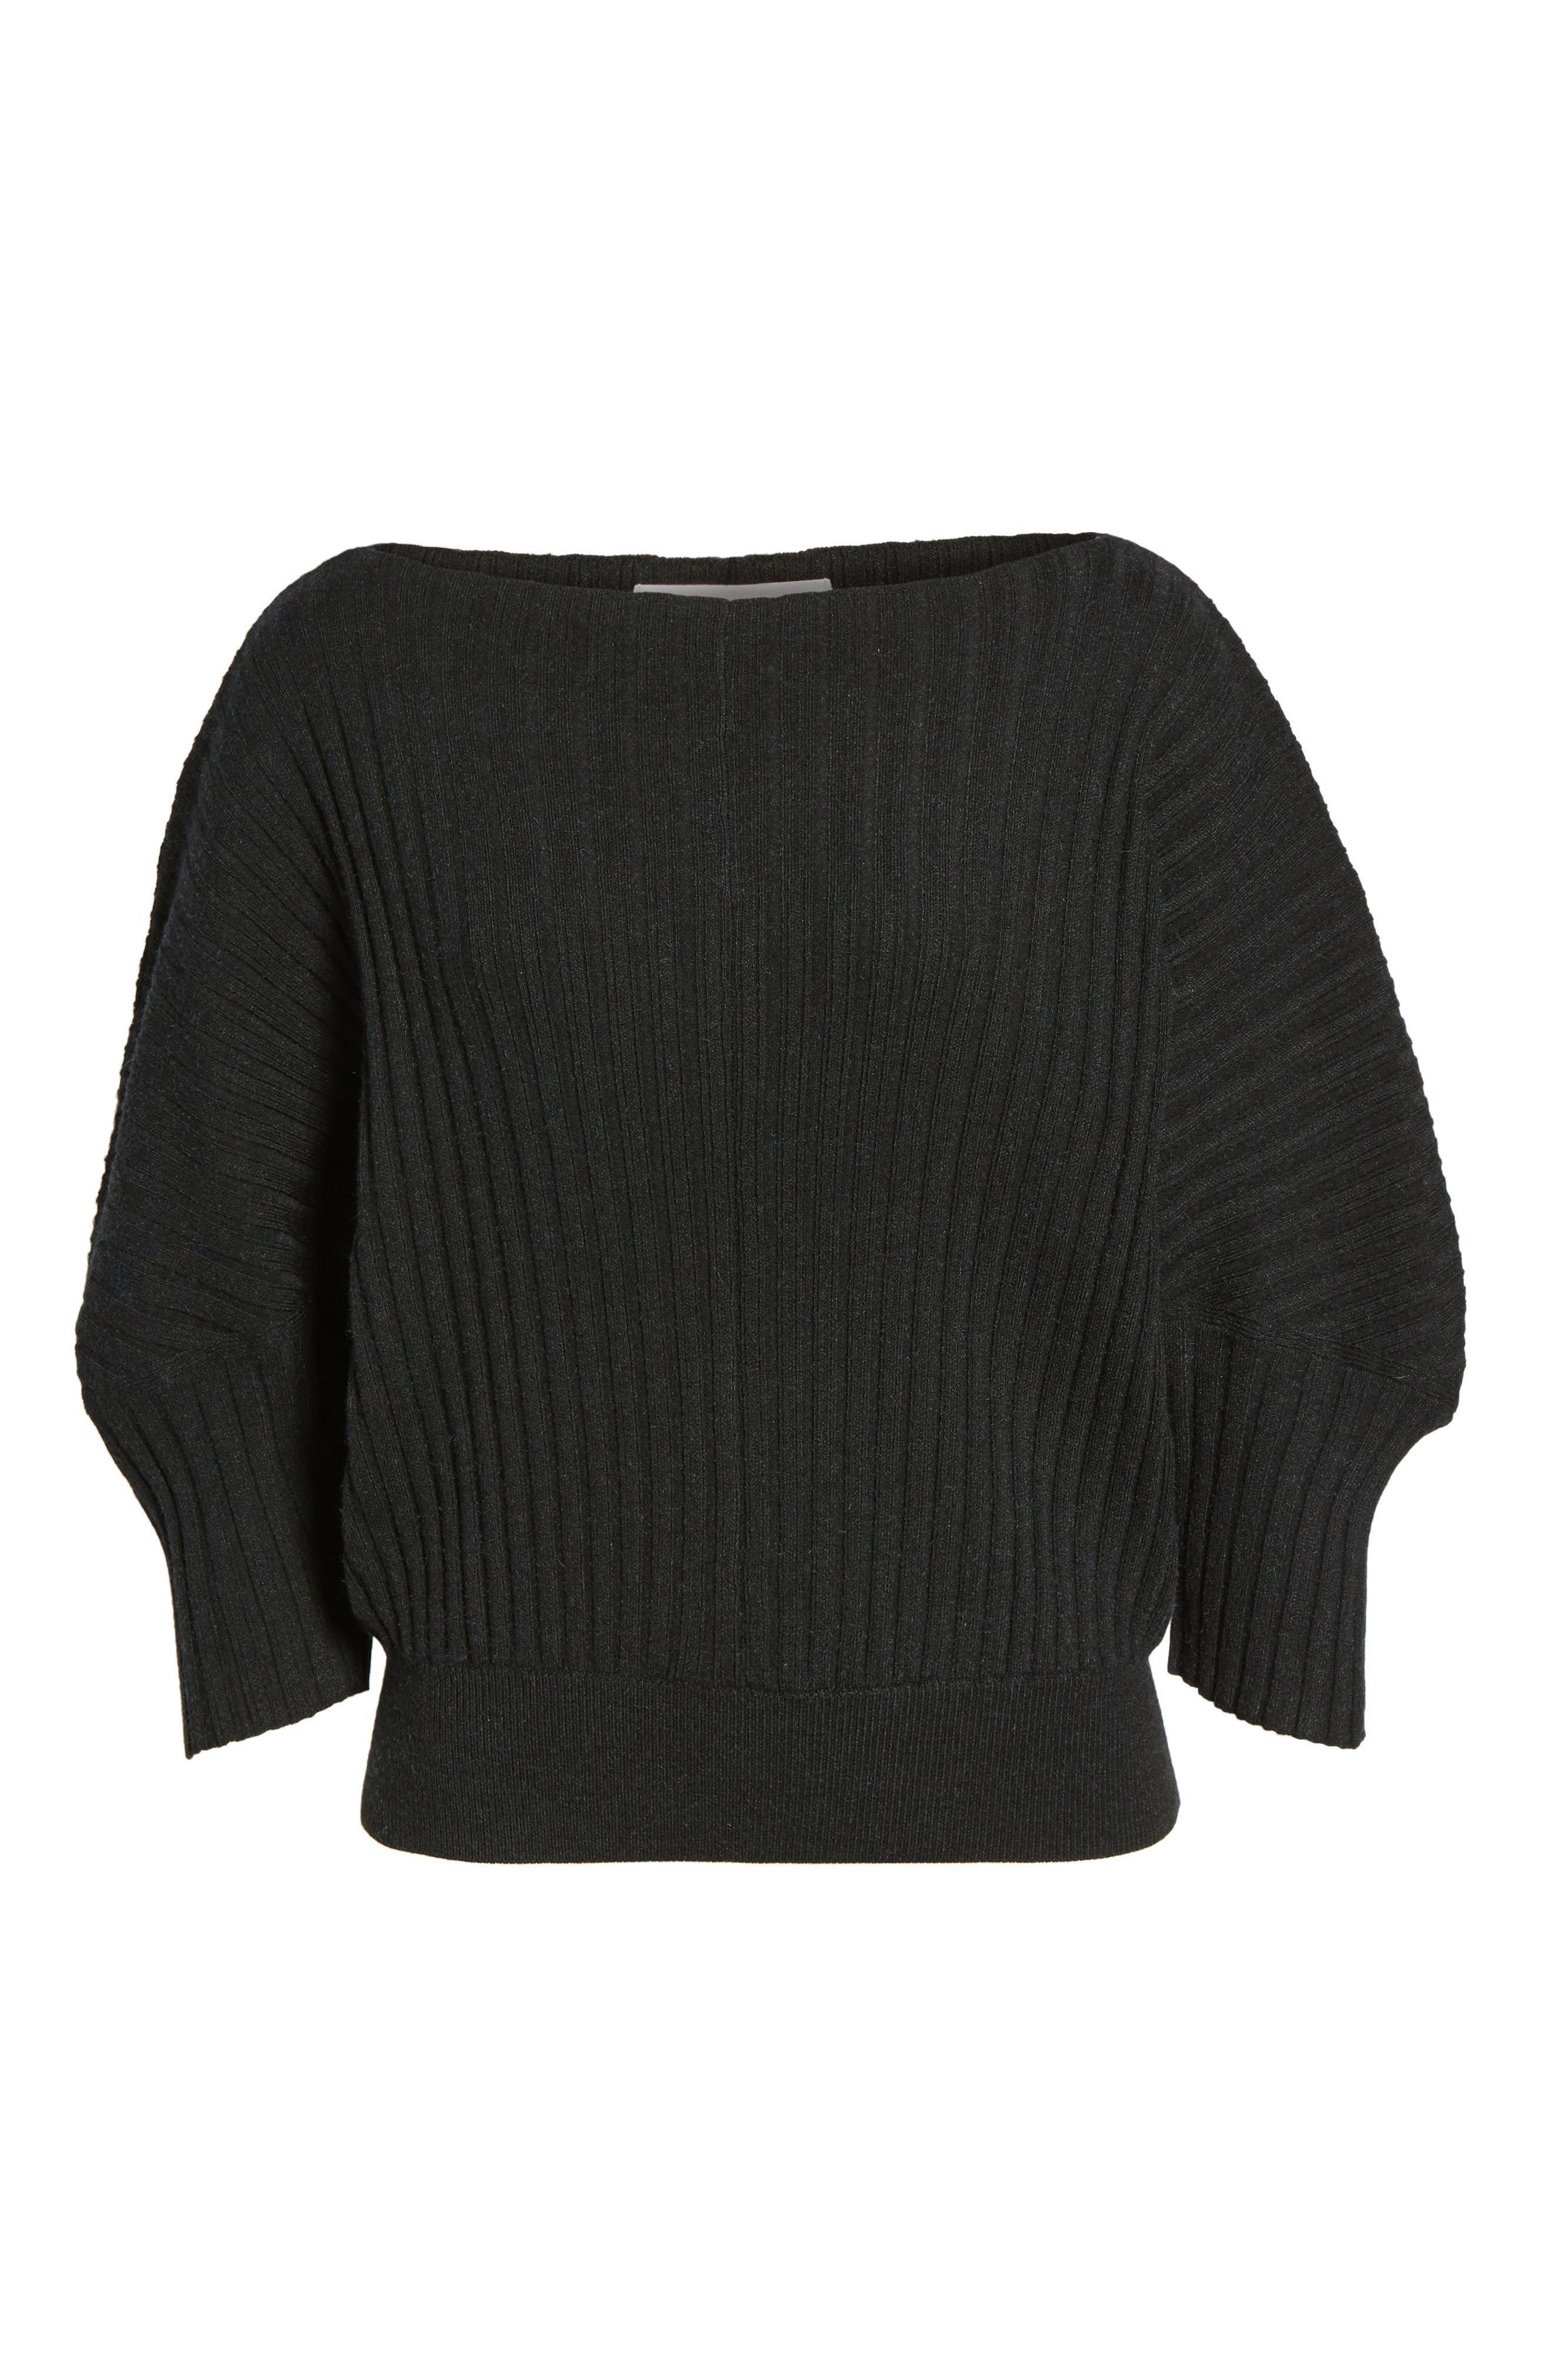 Rib Knit Blouson Sweater,                             Alternate thumbnail 6, color,                             001